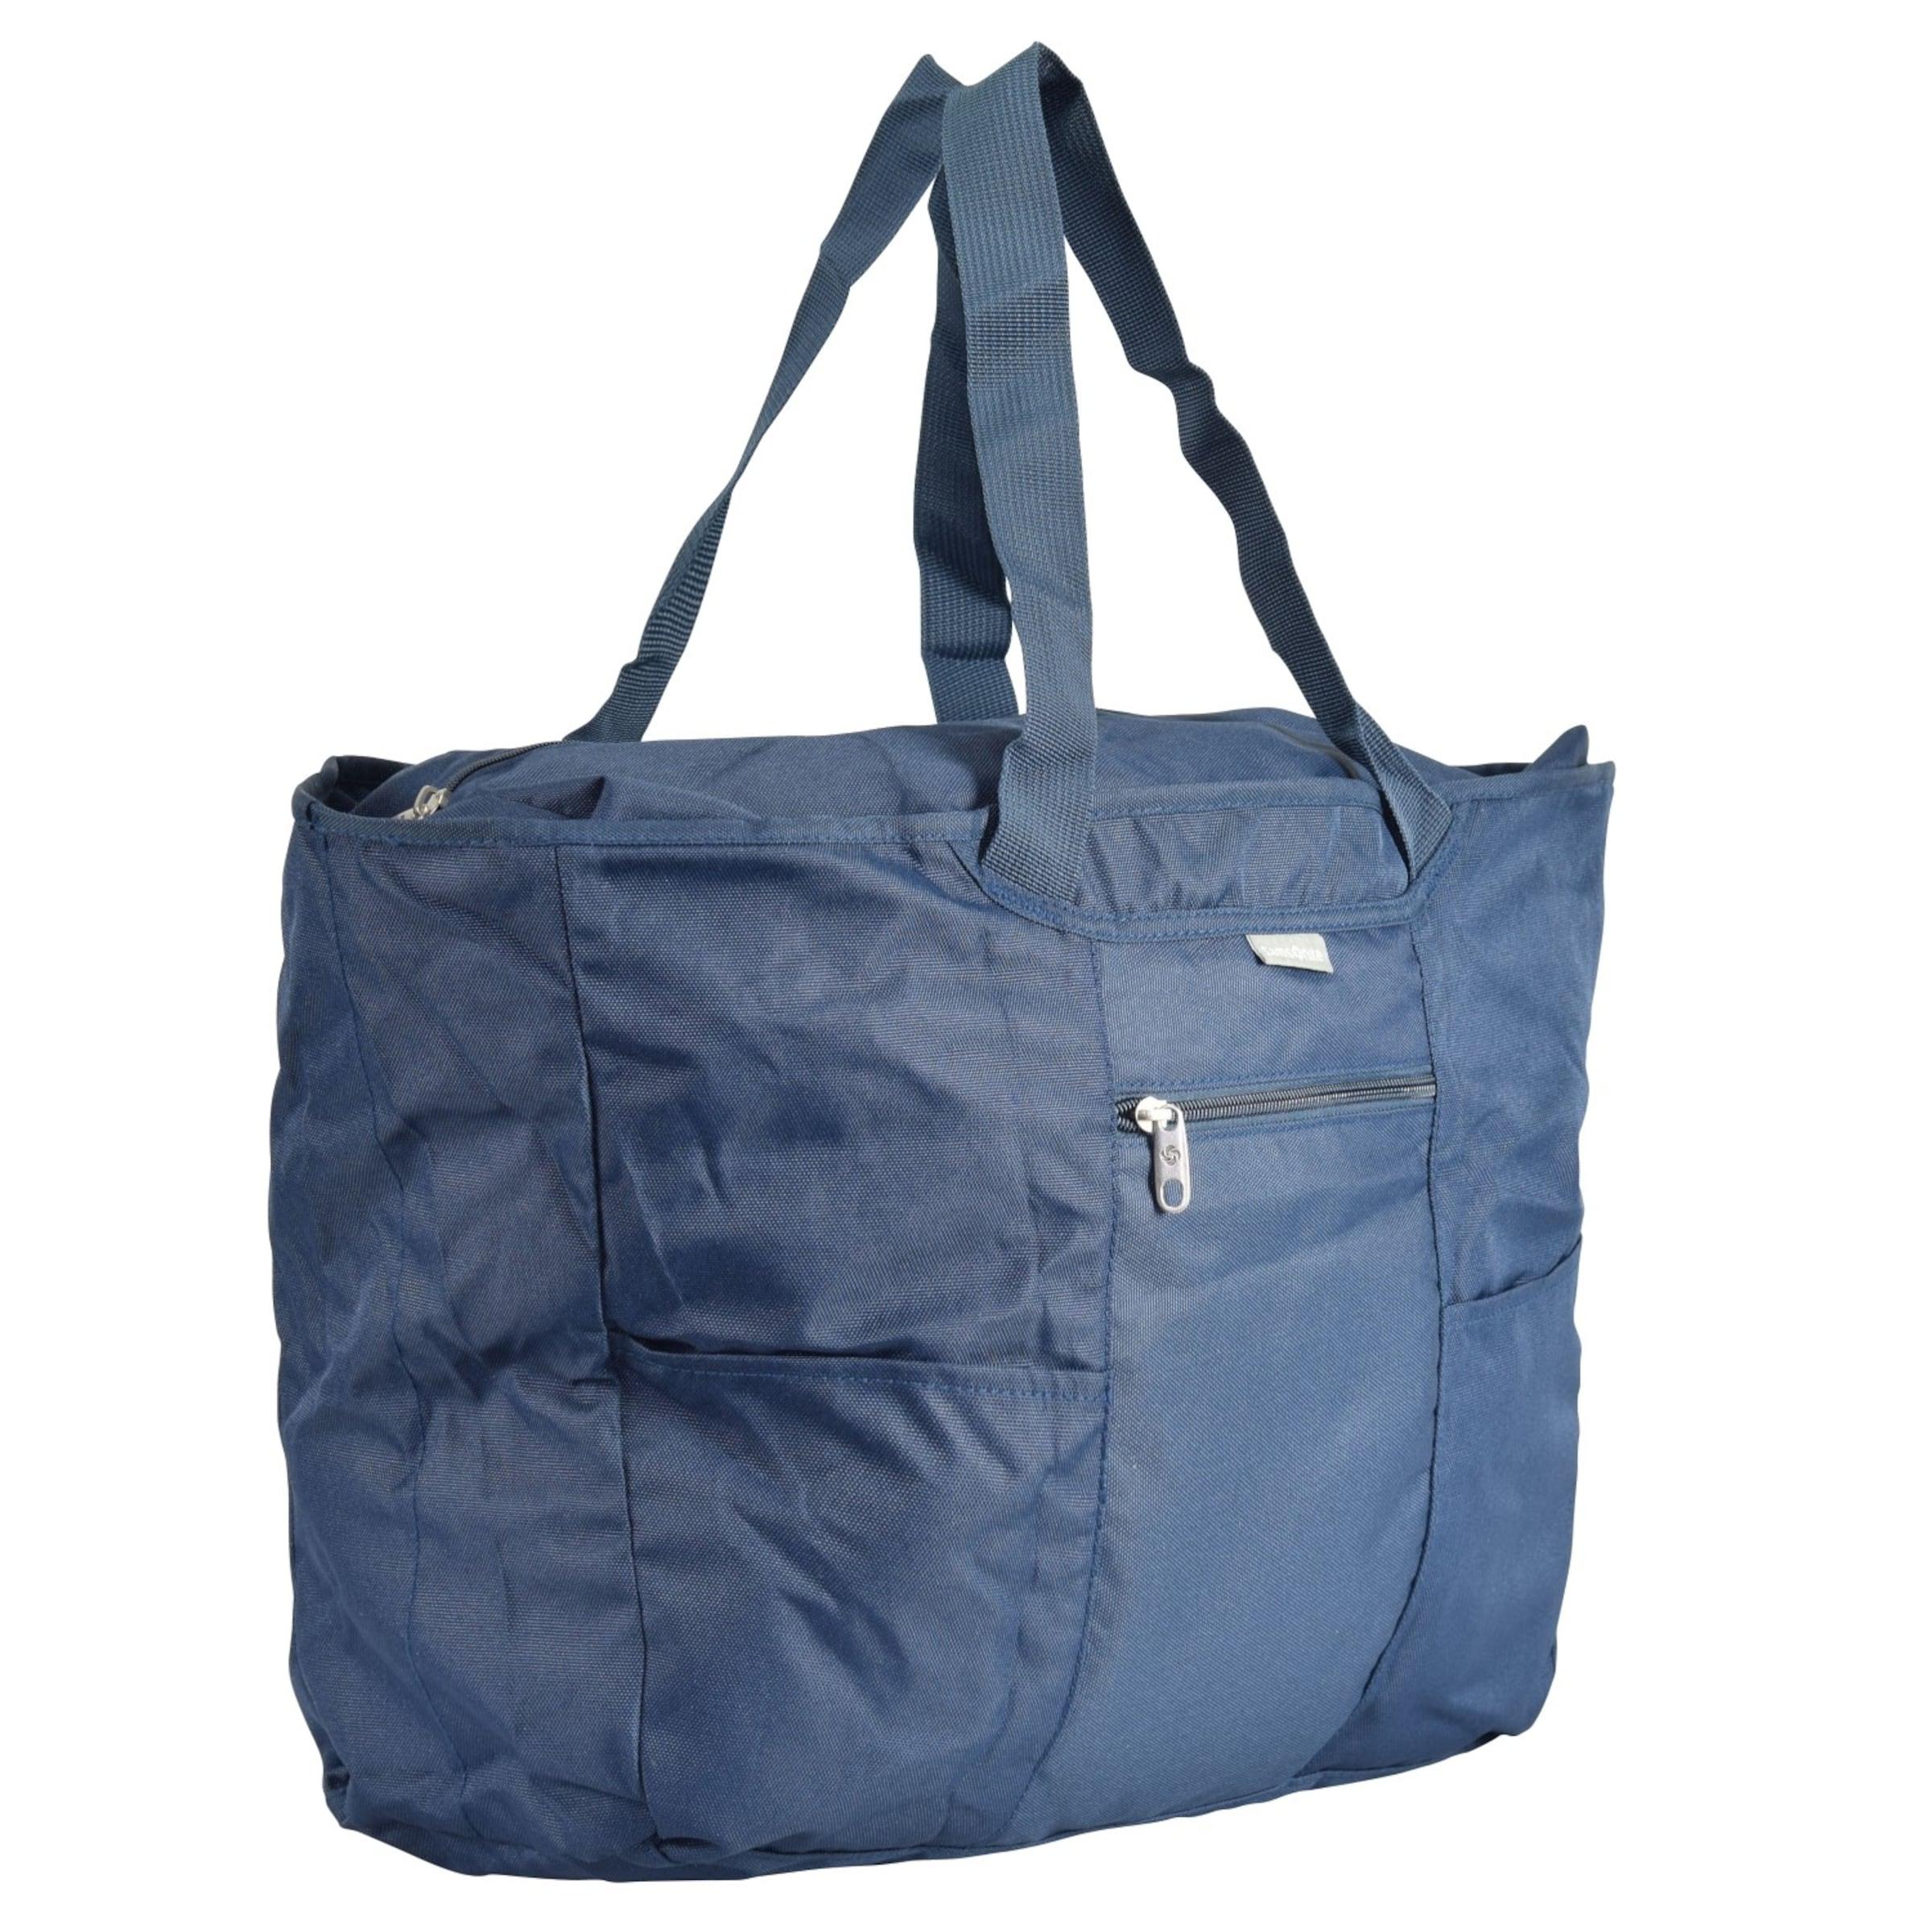 Rabatt Mode-Stil Bester Günstiger Preis SAMSONITE Travel Accessories Shopper Tasche 39 cm Verkauf Neueste tiJDRicQ